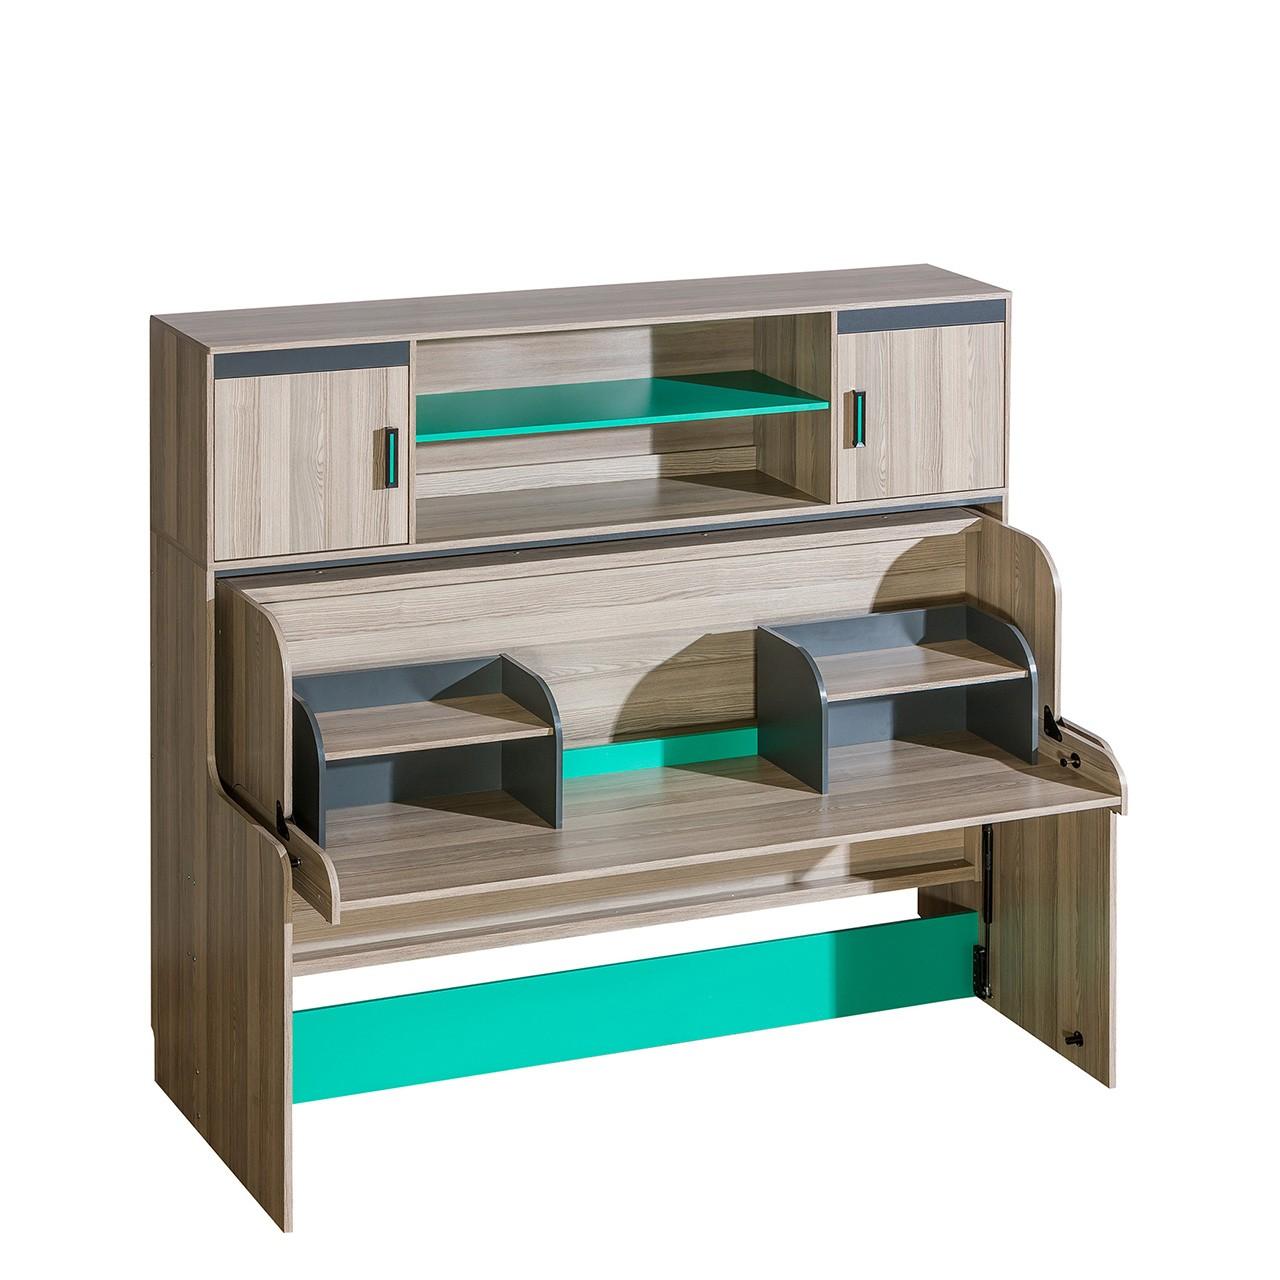 stunning jugendbett mit schreibtisch images. Black Bedroom Furniture Sets. Home Design Ideas